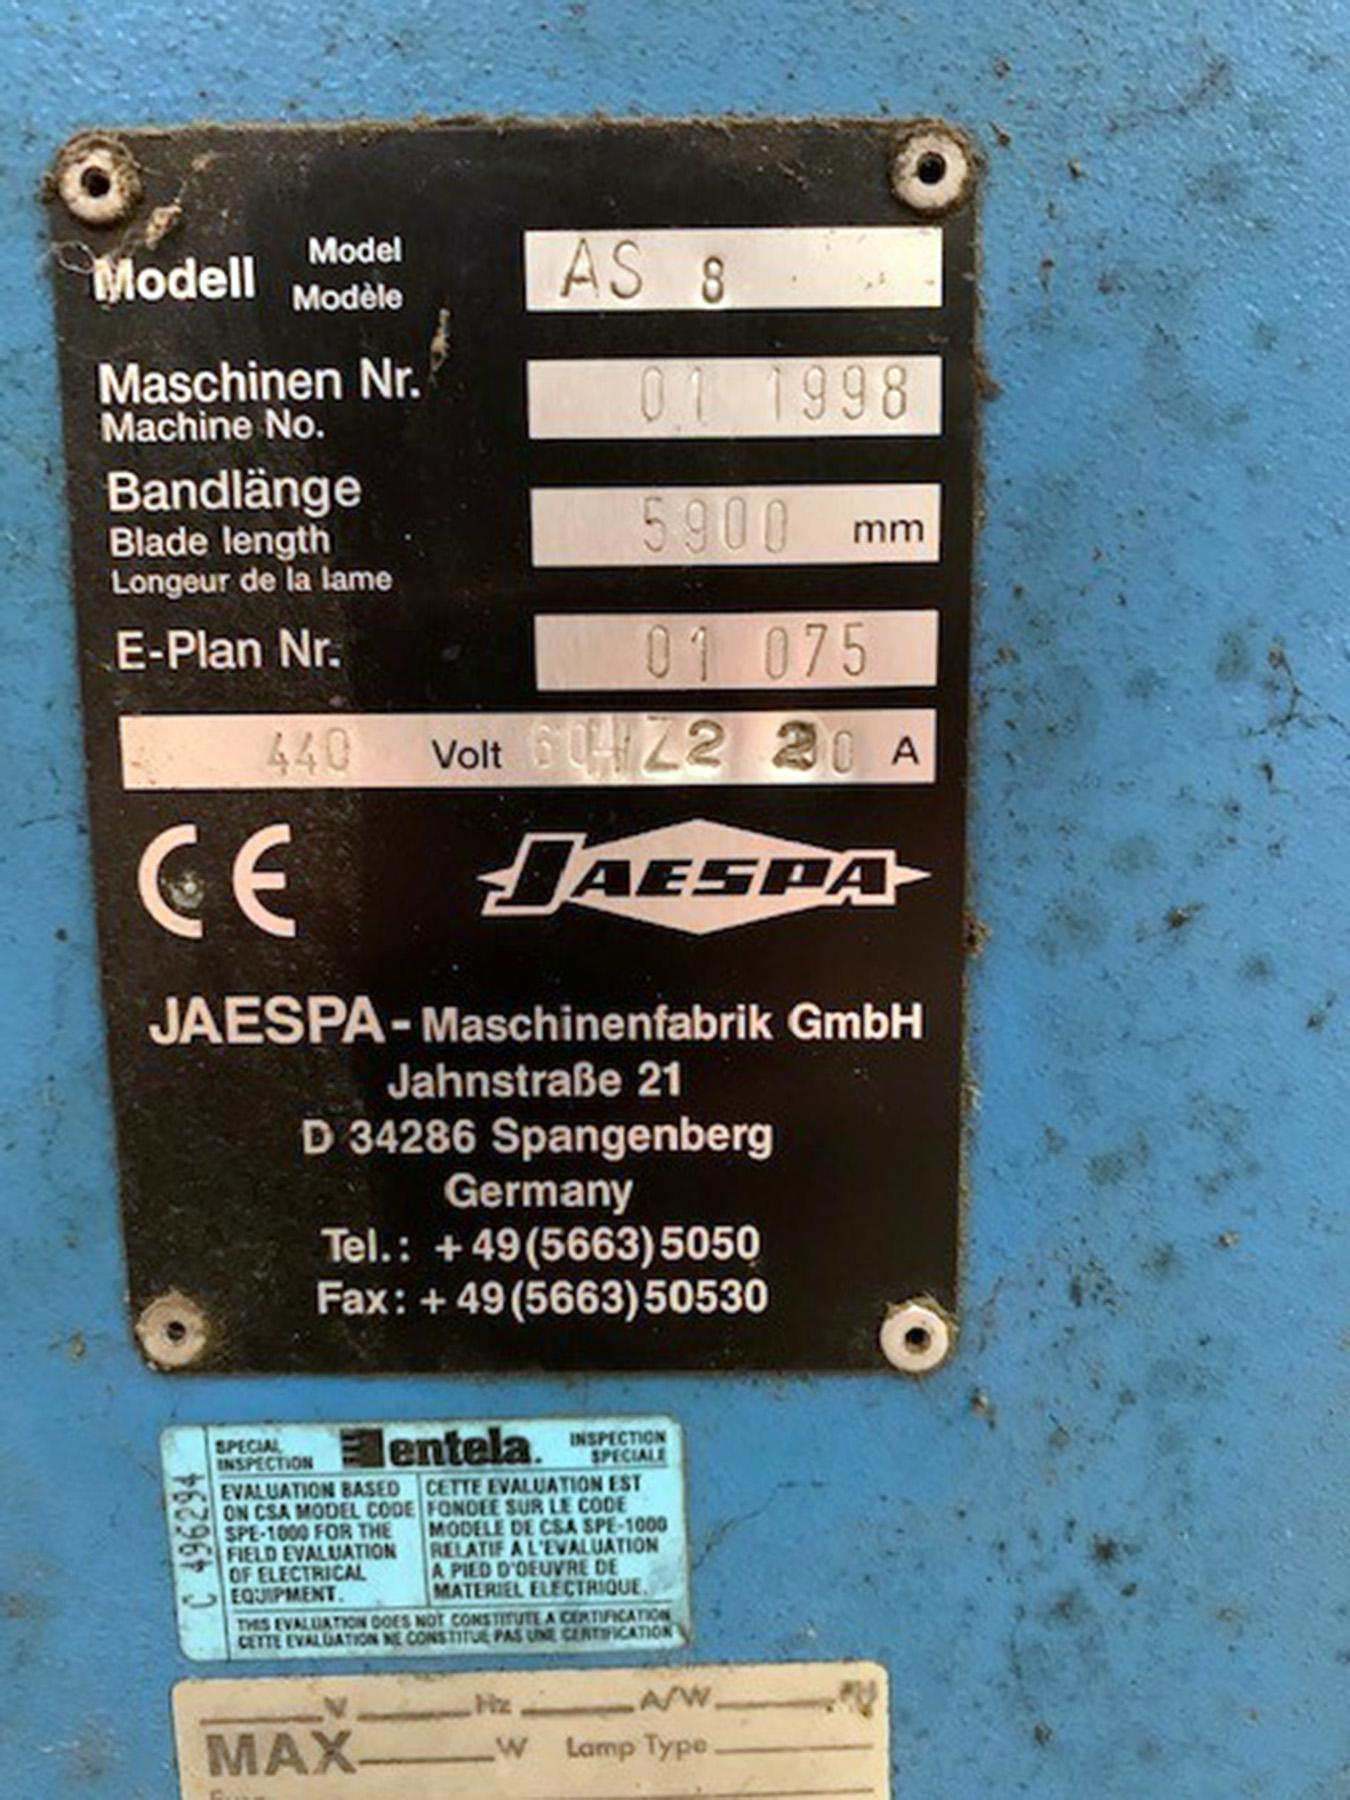 USED, JAESPA MODEL AS-8 VERTICAL BANDSAW